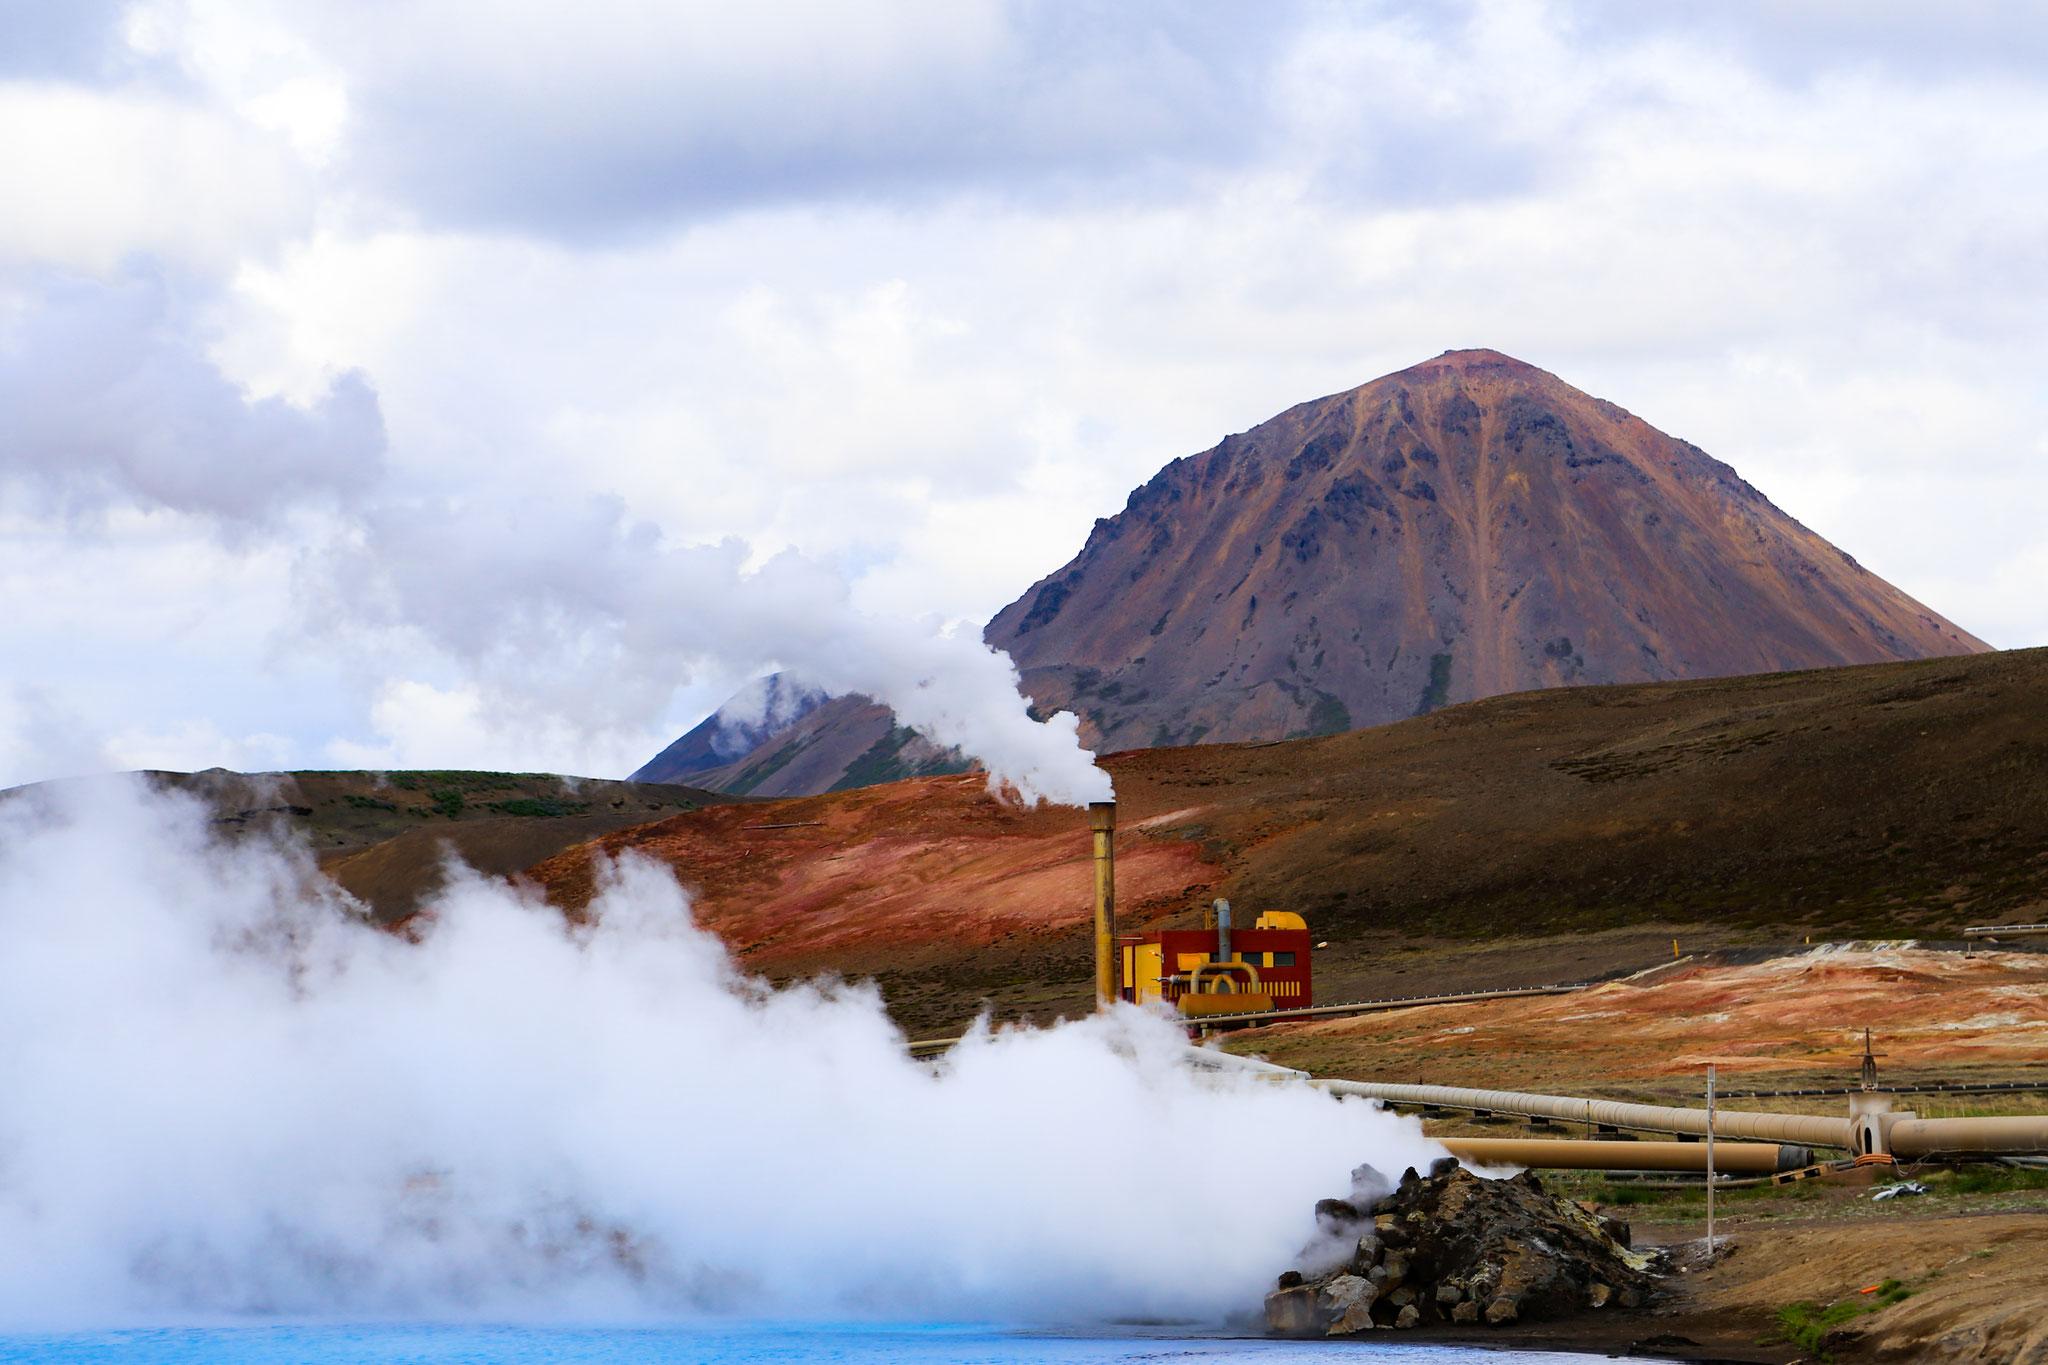 Geothermiestation Bjarnarflag mit ihrem Blauen See im Gebiet bei Myvatn